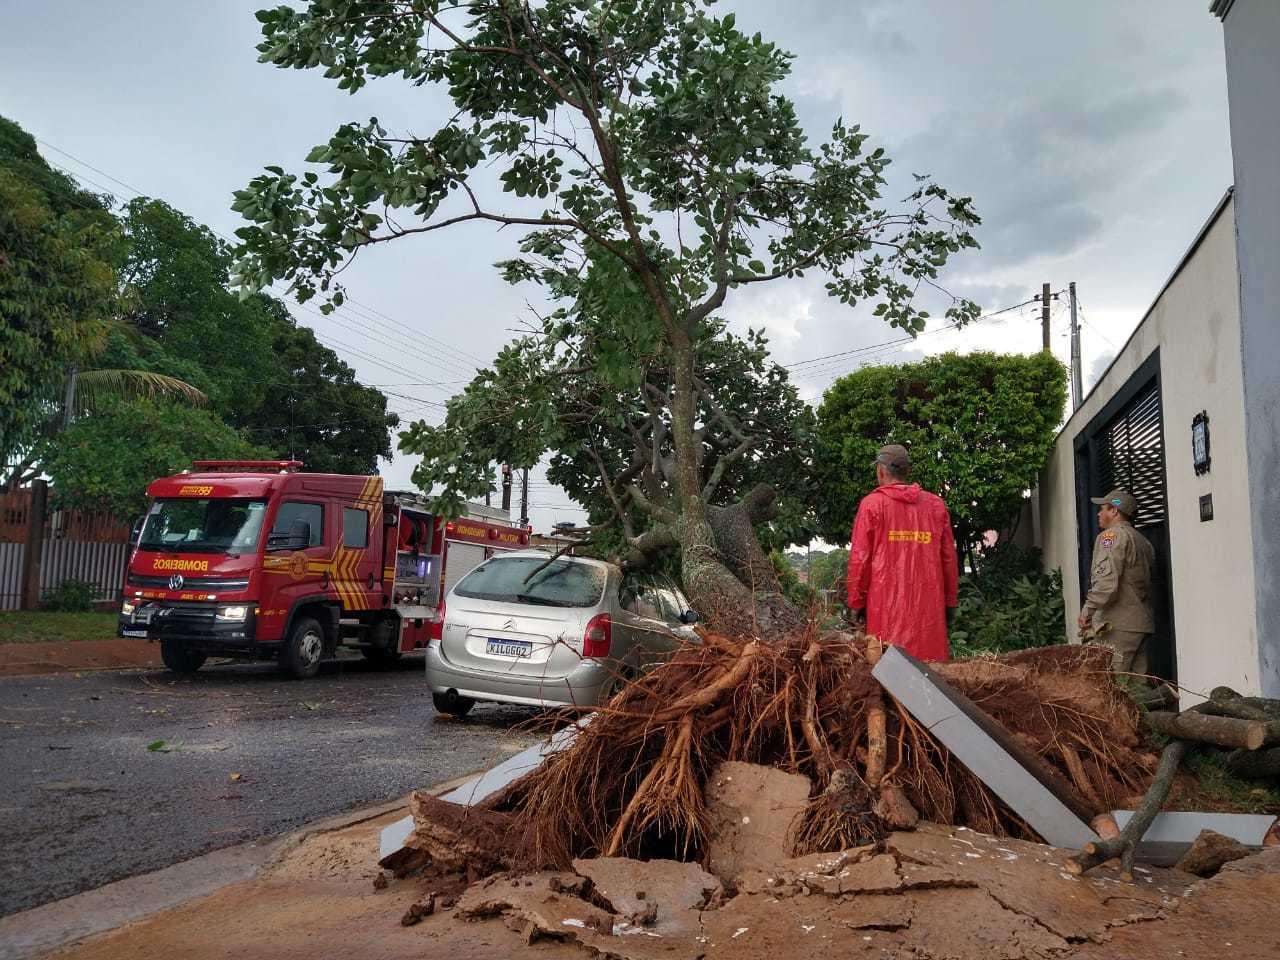 Ávore não resistiu aos ventos fortes, durante chuva, e caiu sobre veículo; calçada também ficoou danificada (Foto: Aletheya Alves)